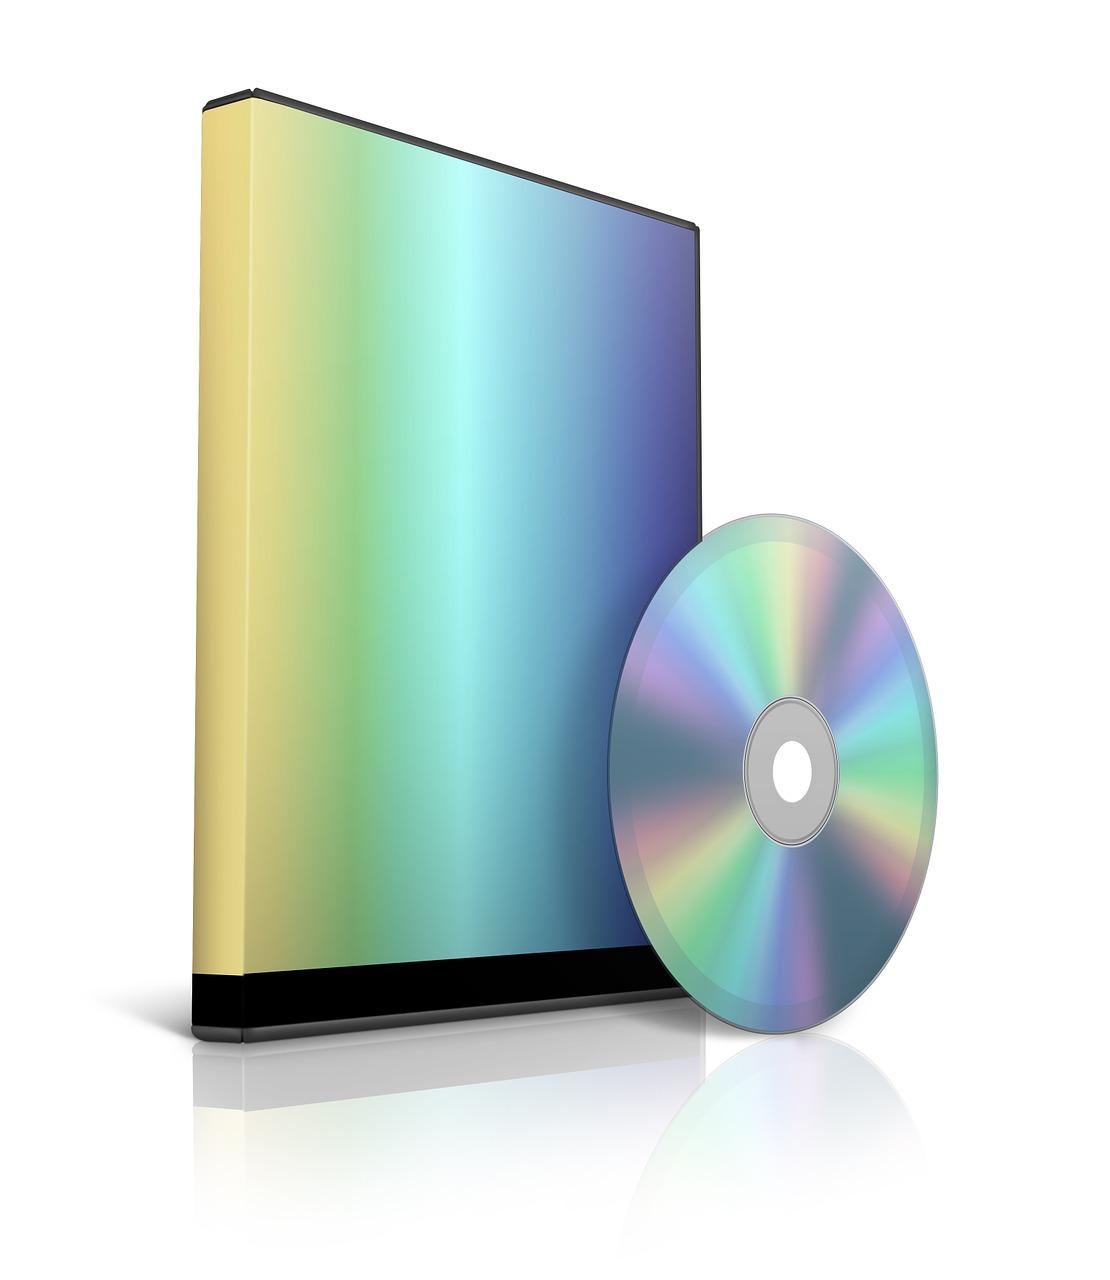 software, cd, dvd